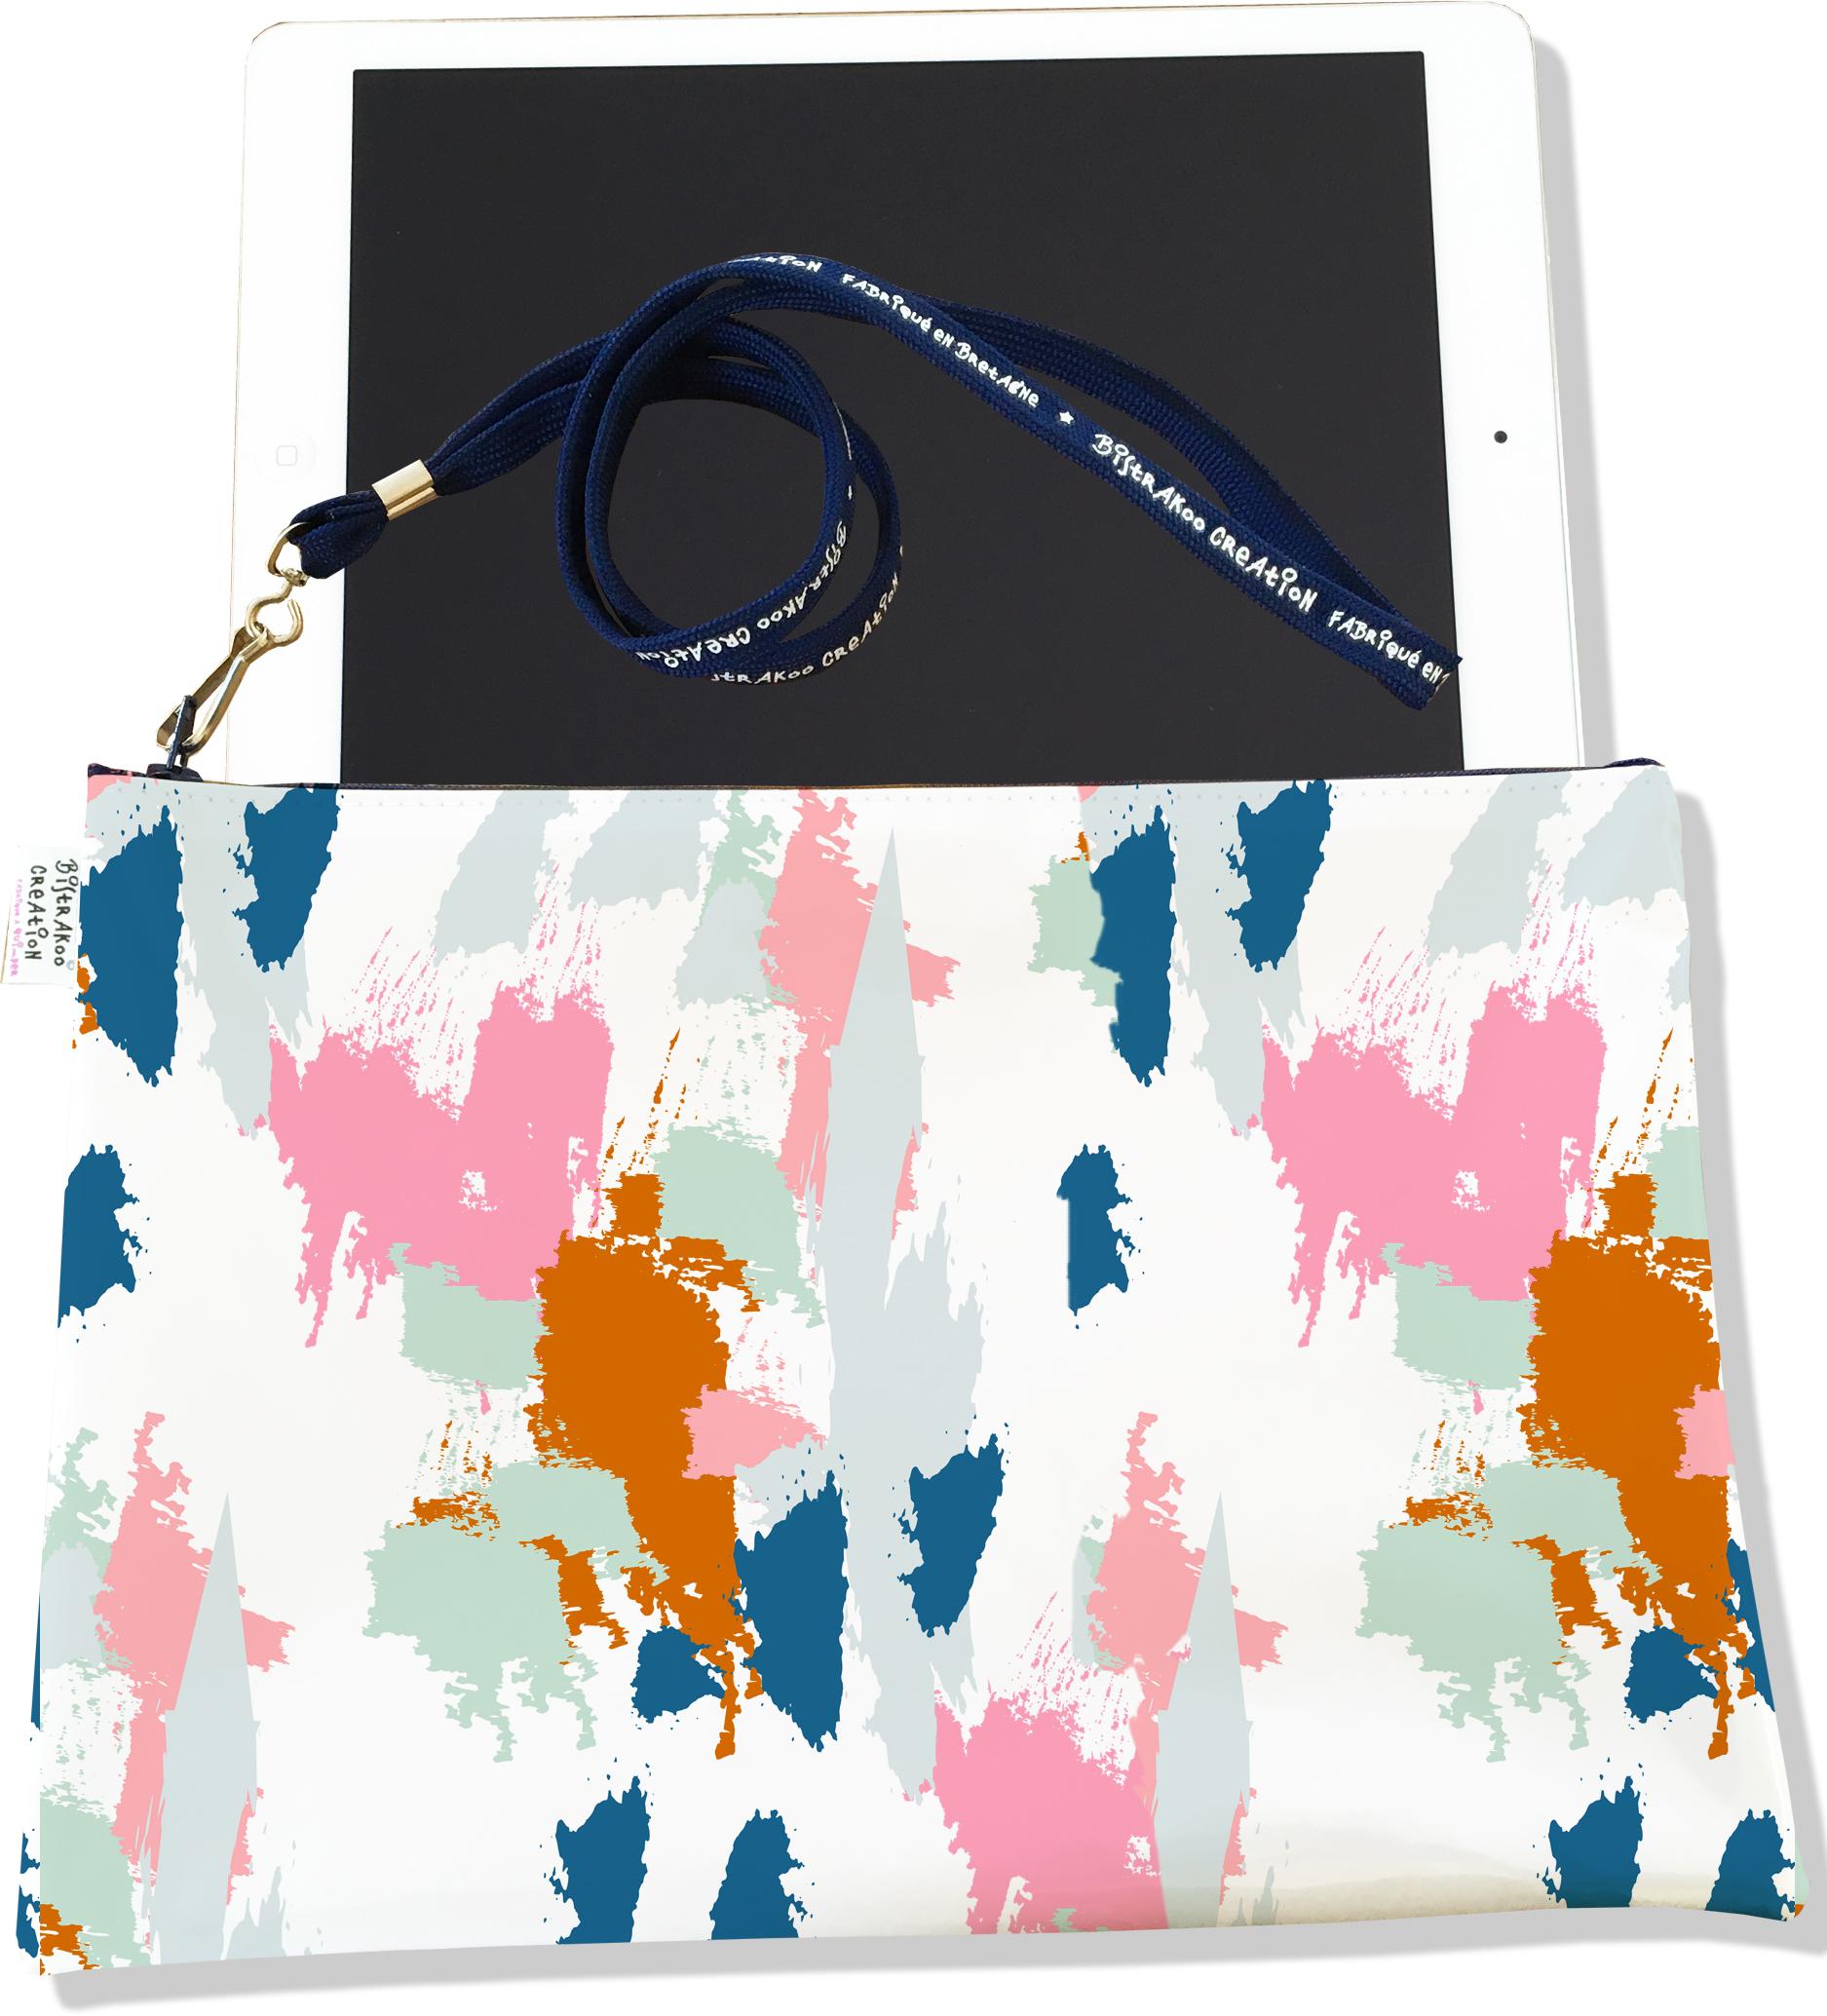 Housse pour tablette pour femme motif Taches Peinture multicolores H6013-2019